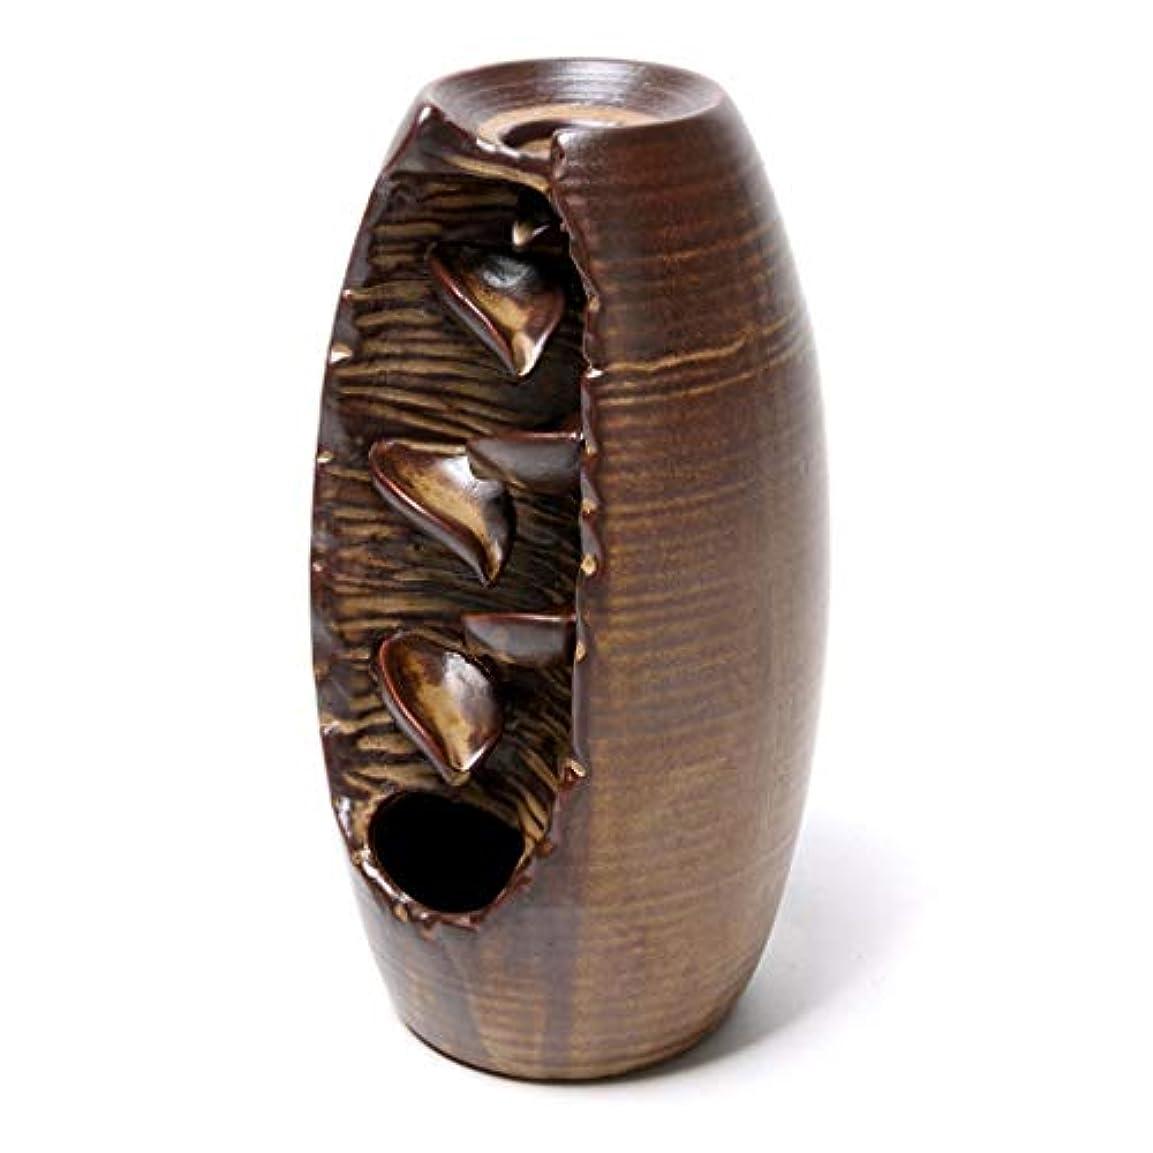 ロンドン再生に話すクリエイティブ逆流香バーナーセラミック香コーンバーナーホルダーホームフレグランスアロマセラピー装飾香ホルダー (Color : Brown, サイズ : 3.54*8.07 inches)